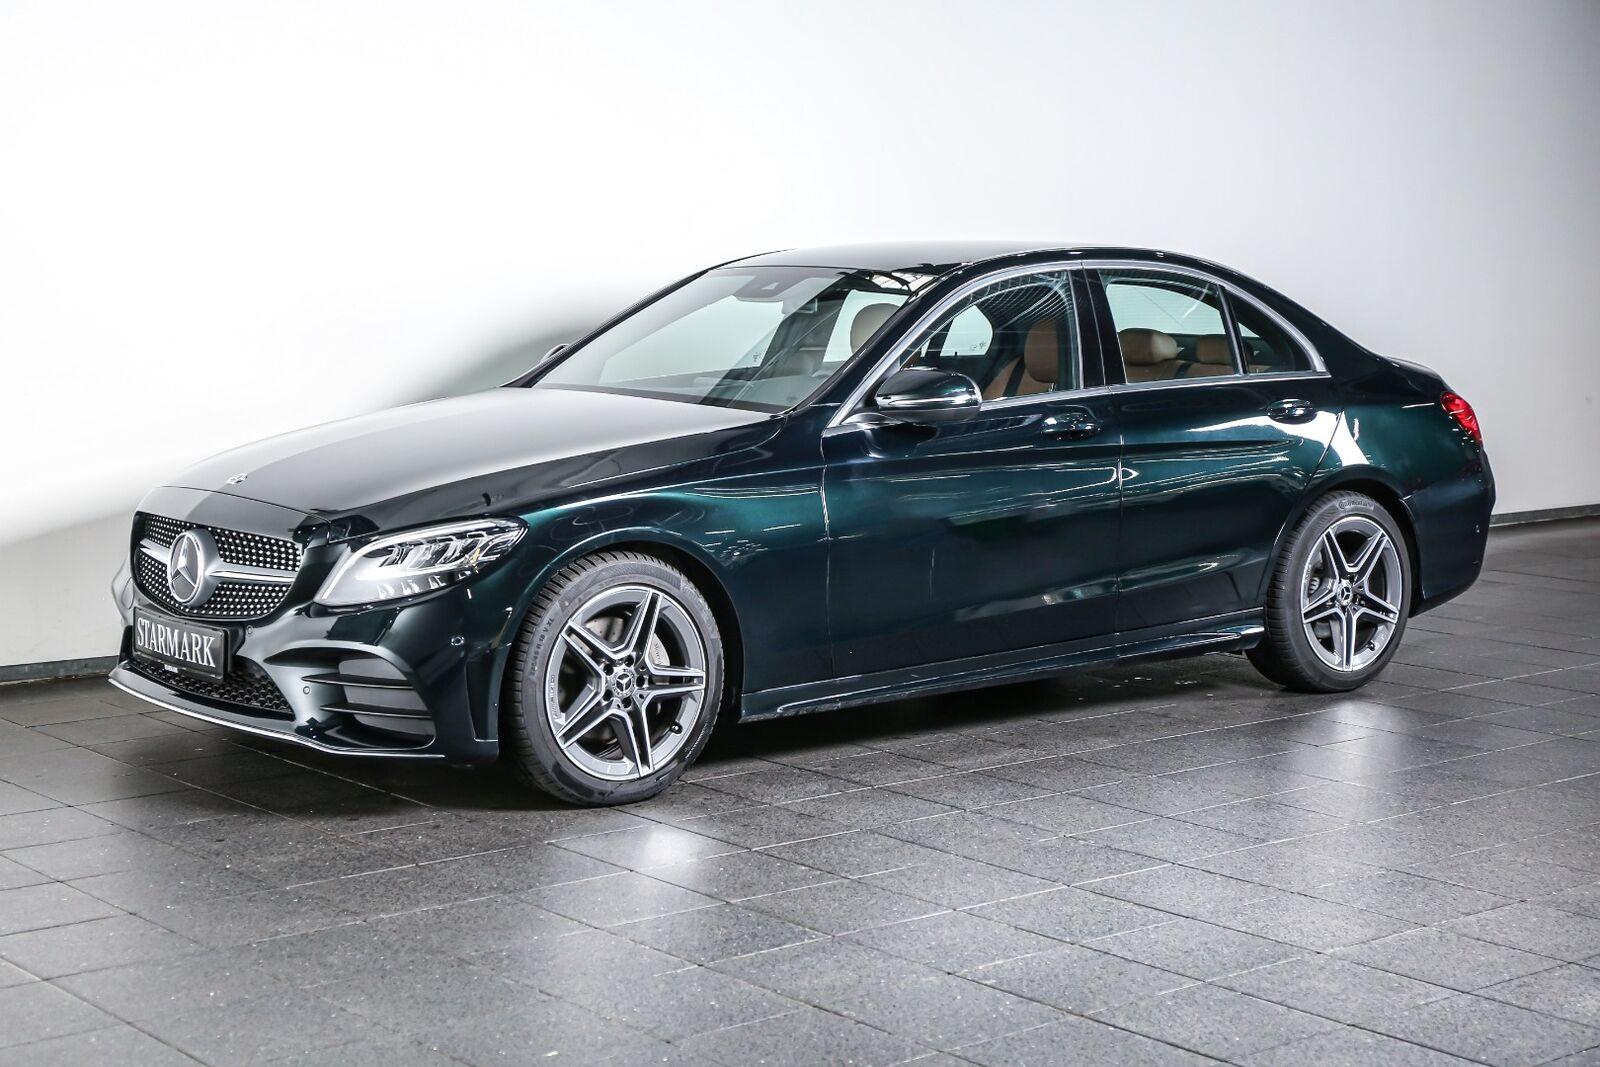 Mercedes C220 d 2,0 AMG Line aut. 4d - 444.900 kr.